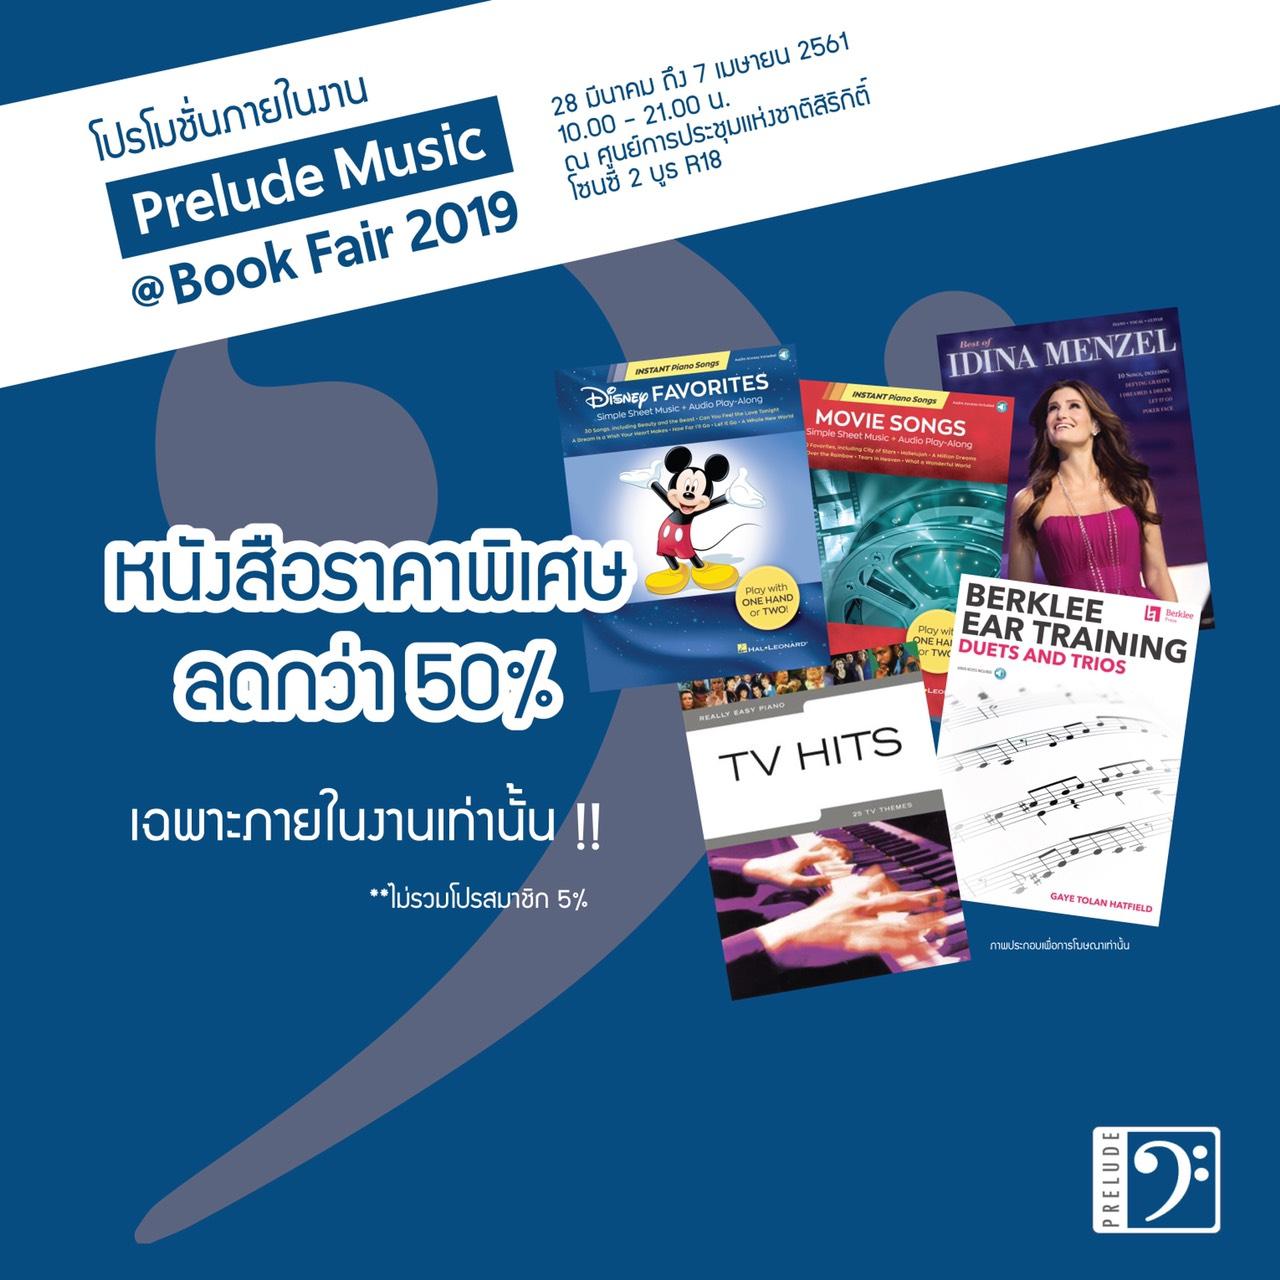 หนังสือดนตรี Preludemusicbook ศูนย์รวมหนังสือสอนดนตรี สัมมนา